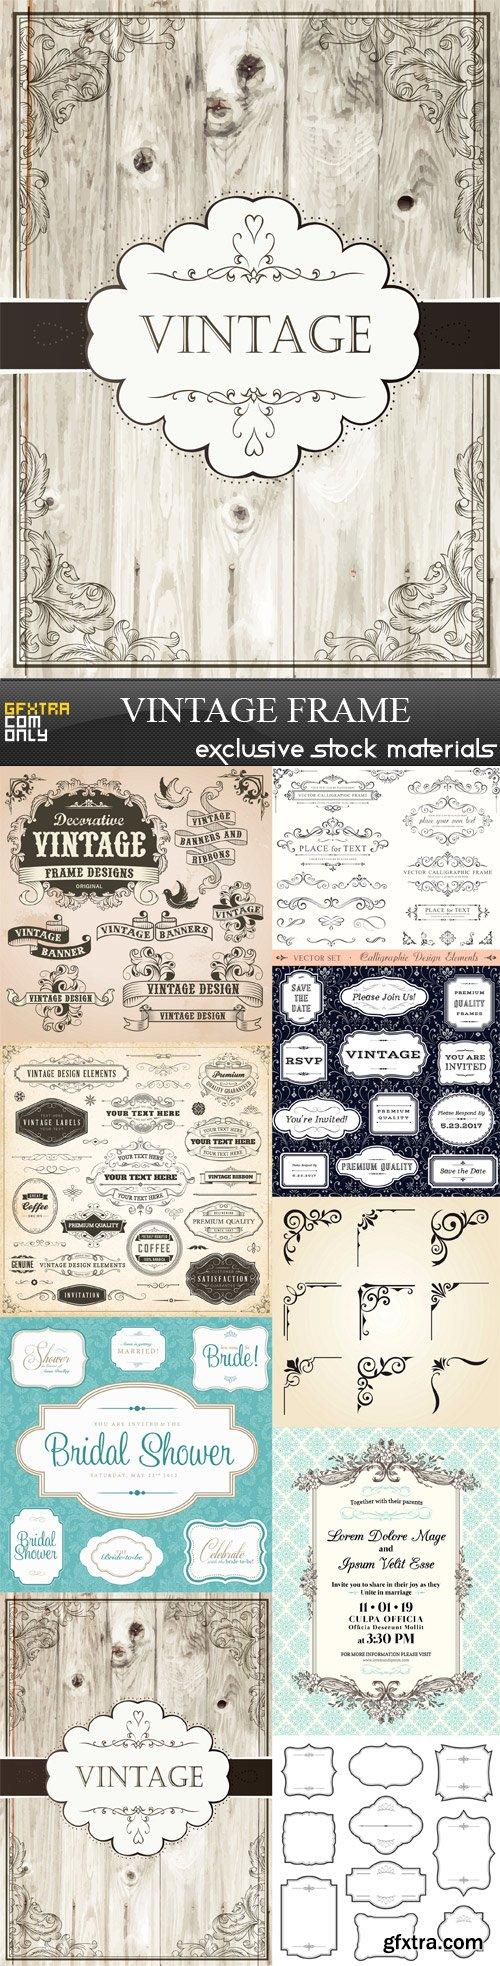 Vintage Frame - 9 x JPEGs